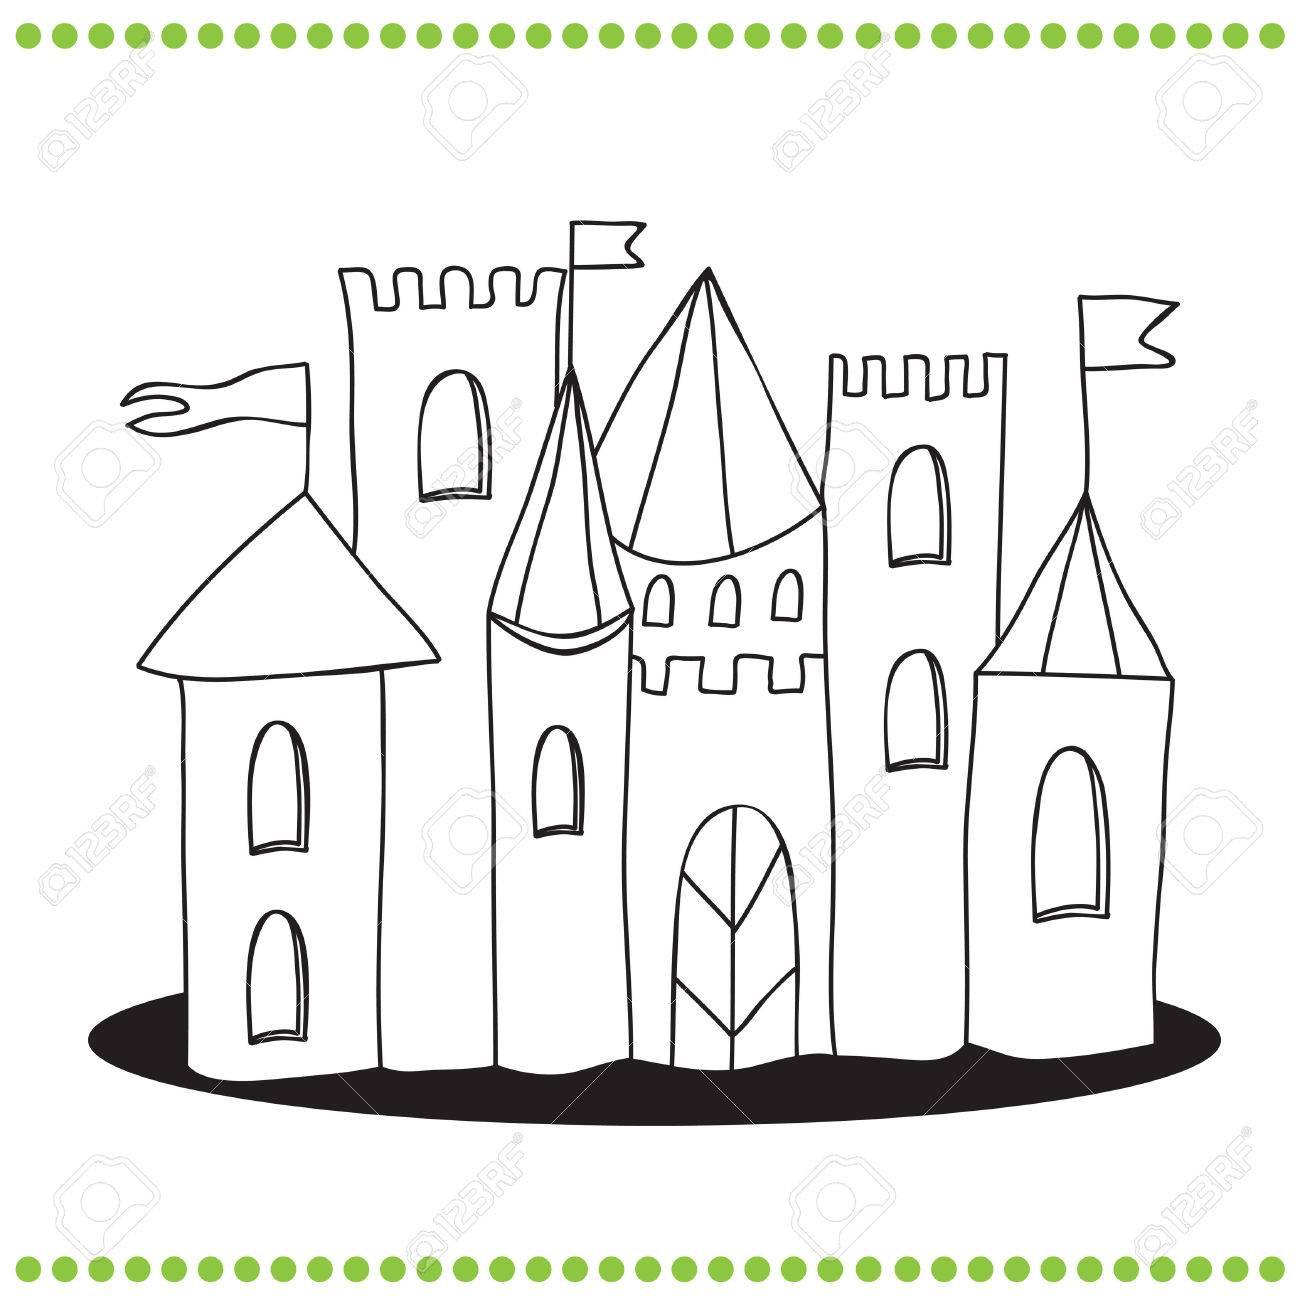 Moderno Castillo De Candyland Para Colorear Ornamento - Dibujos de ...